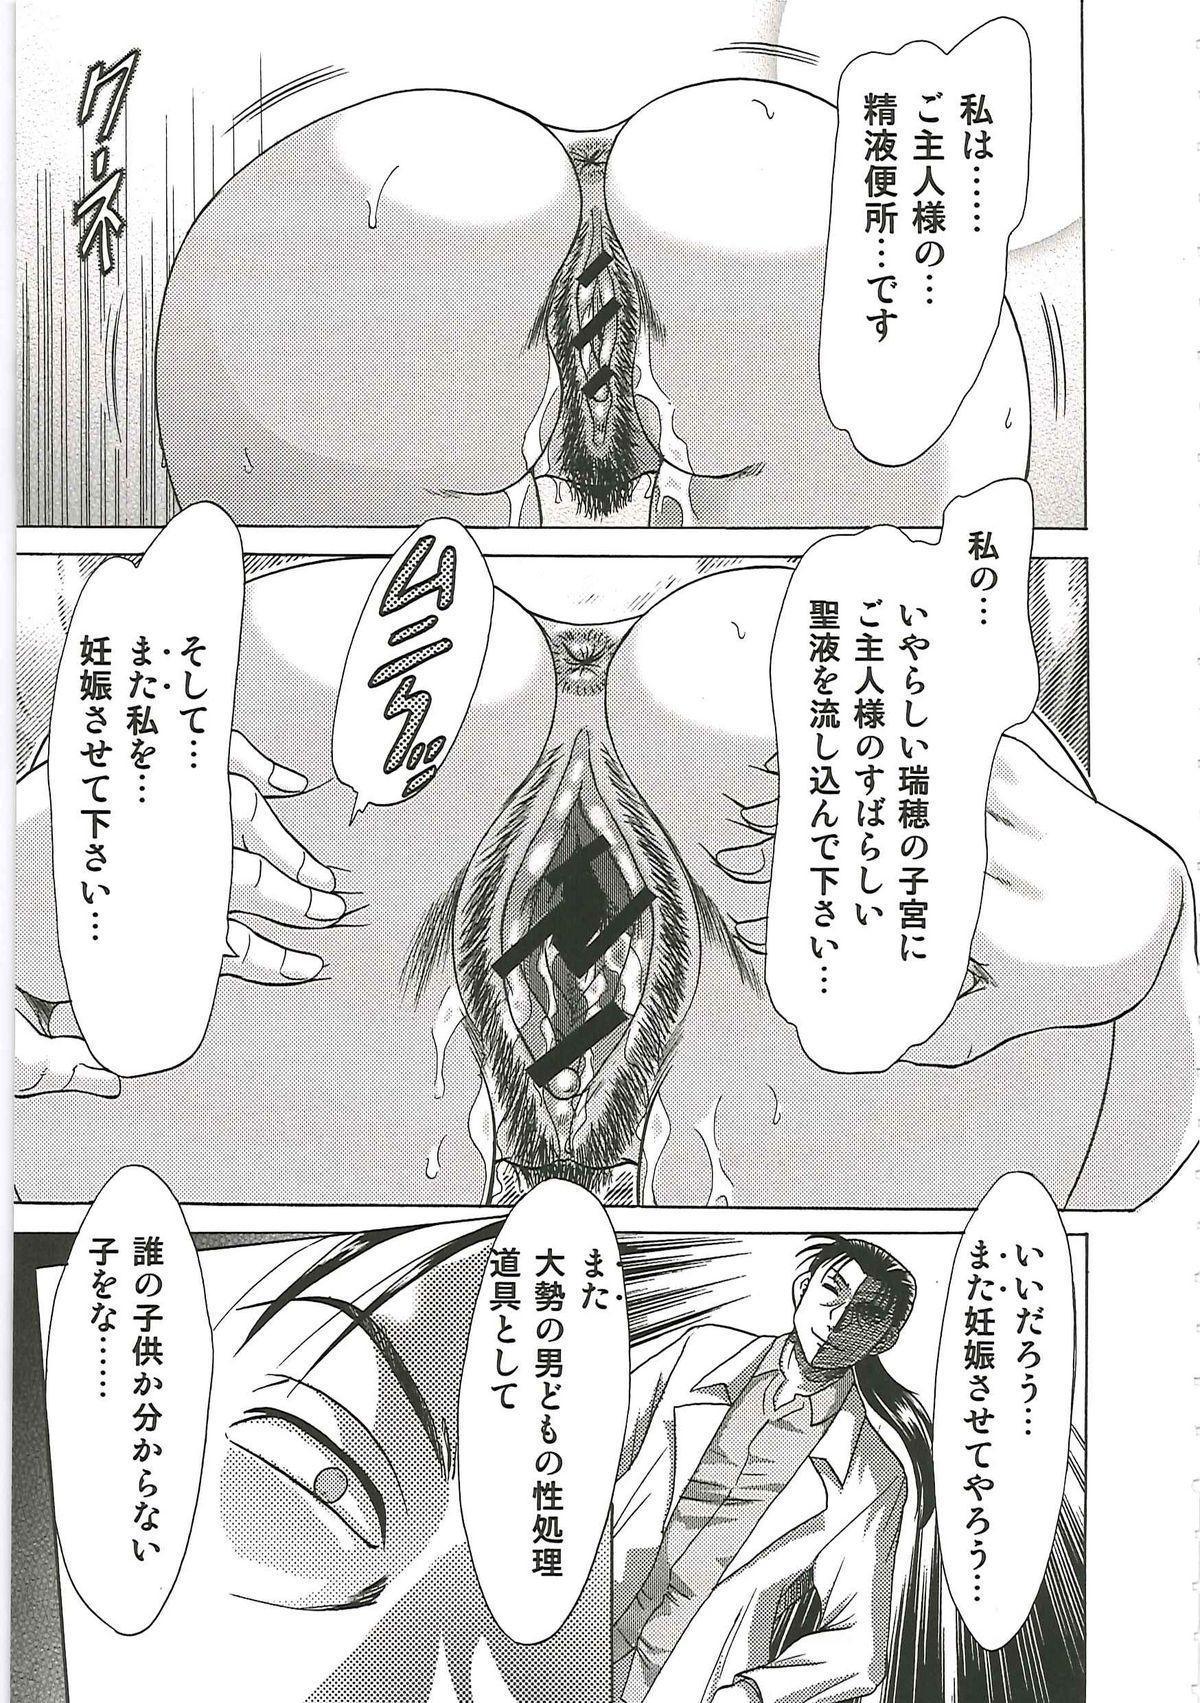 [Chanpon Miyabi] Cho-Onesan Tengoku 6 -Tenrakuhen- 116